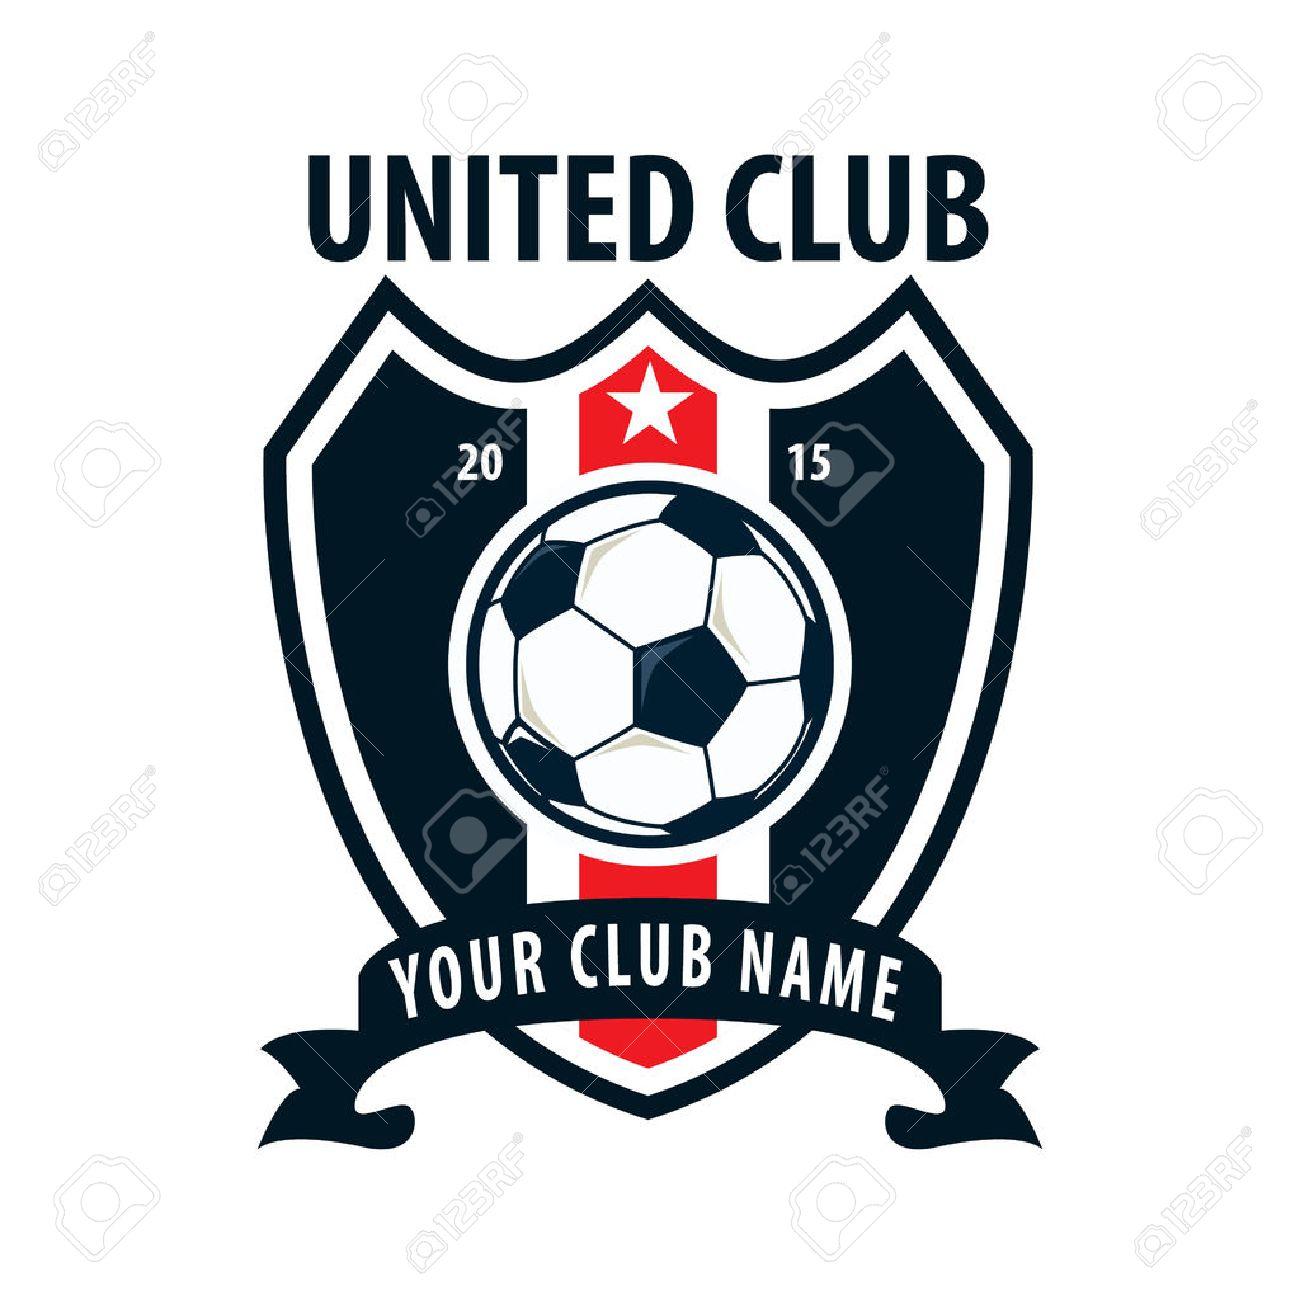 25ad60dd0d115 Foto de archivo - Insignia de Fútbol de diseño de logotipo plantilla